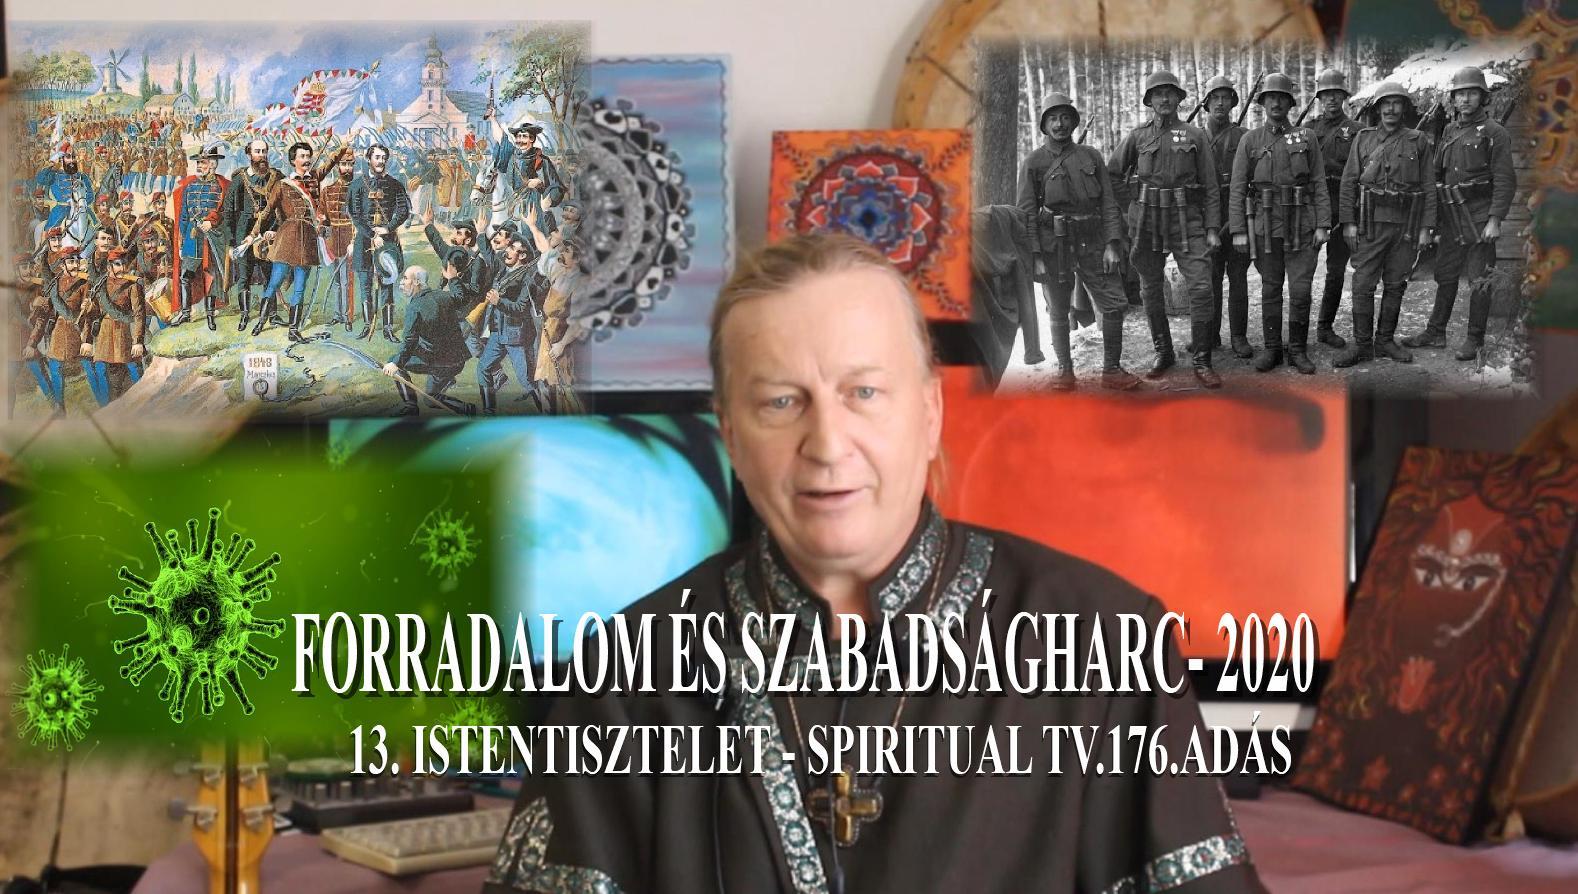 2020.09.27. www.spiritualtv.hu